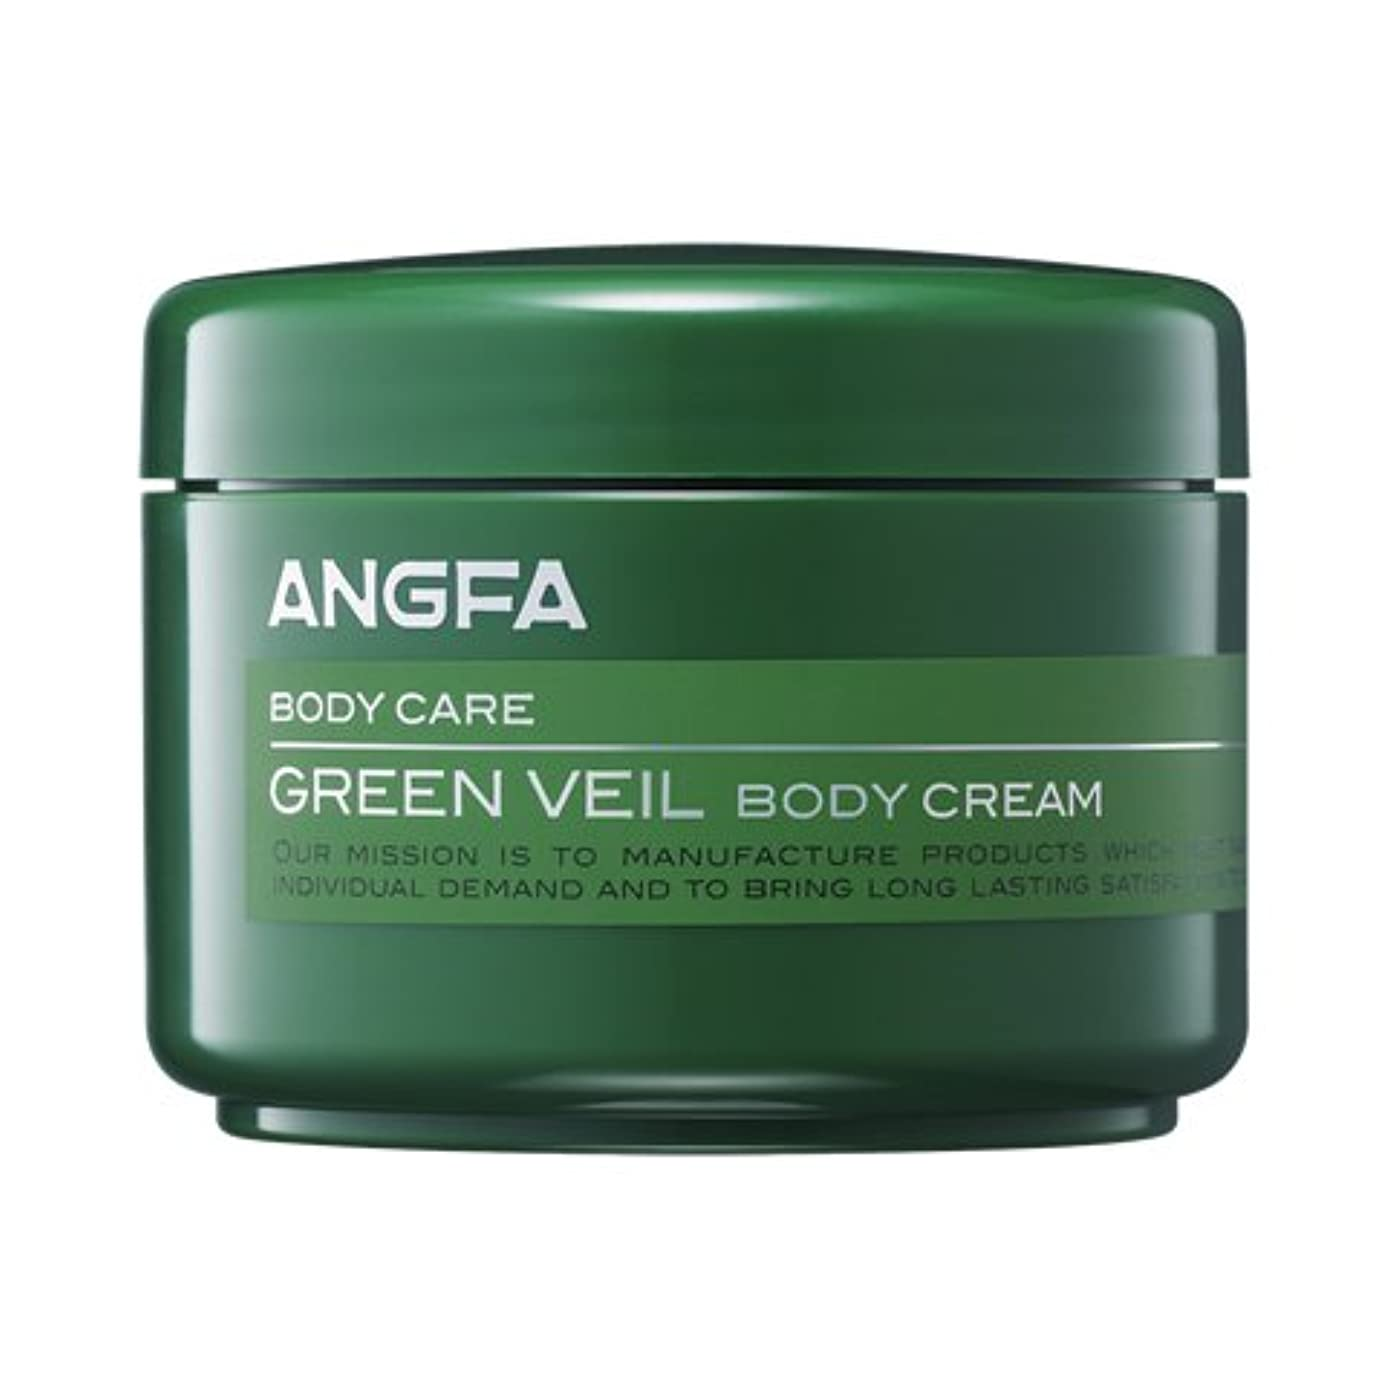 有彩色のワイド退屈なアンファー (ANGFA) グリーンベール 薬用ボディクリーム 45g グリーンフローラル [乾燥?保湿] かゆみ肌